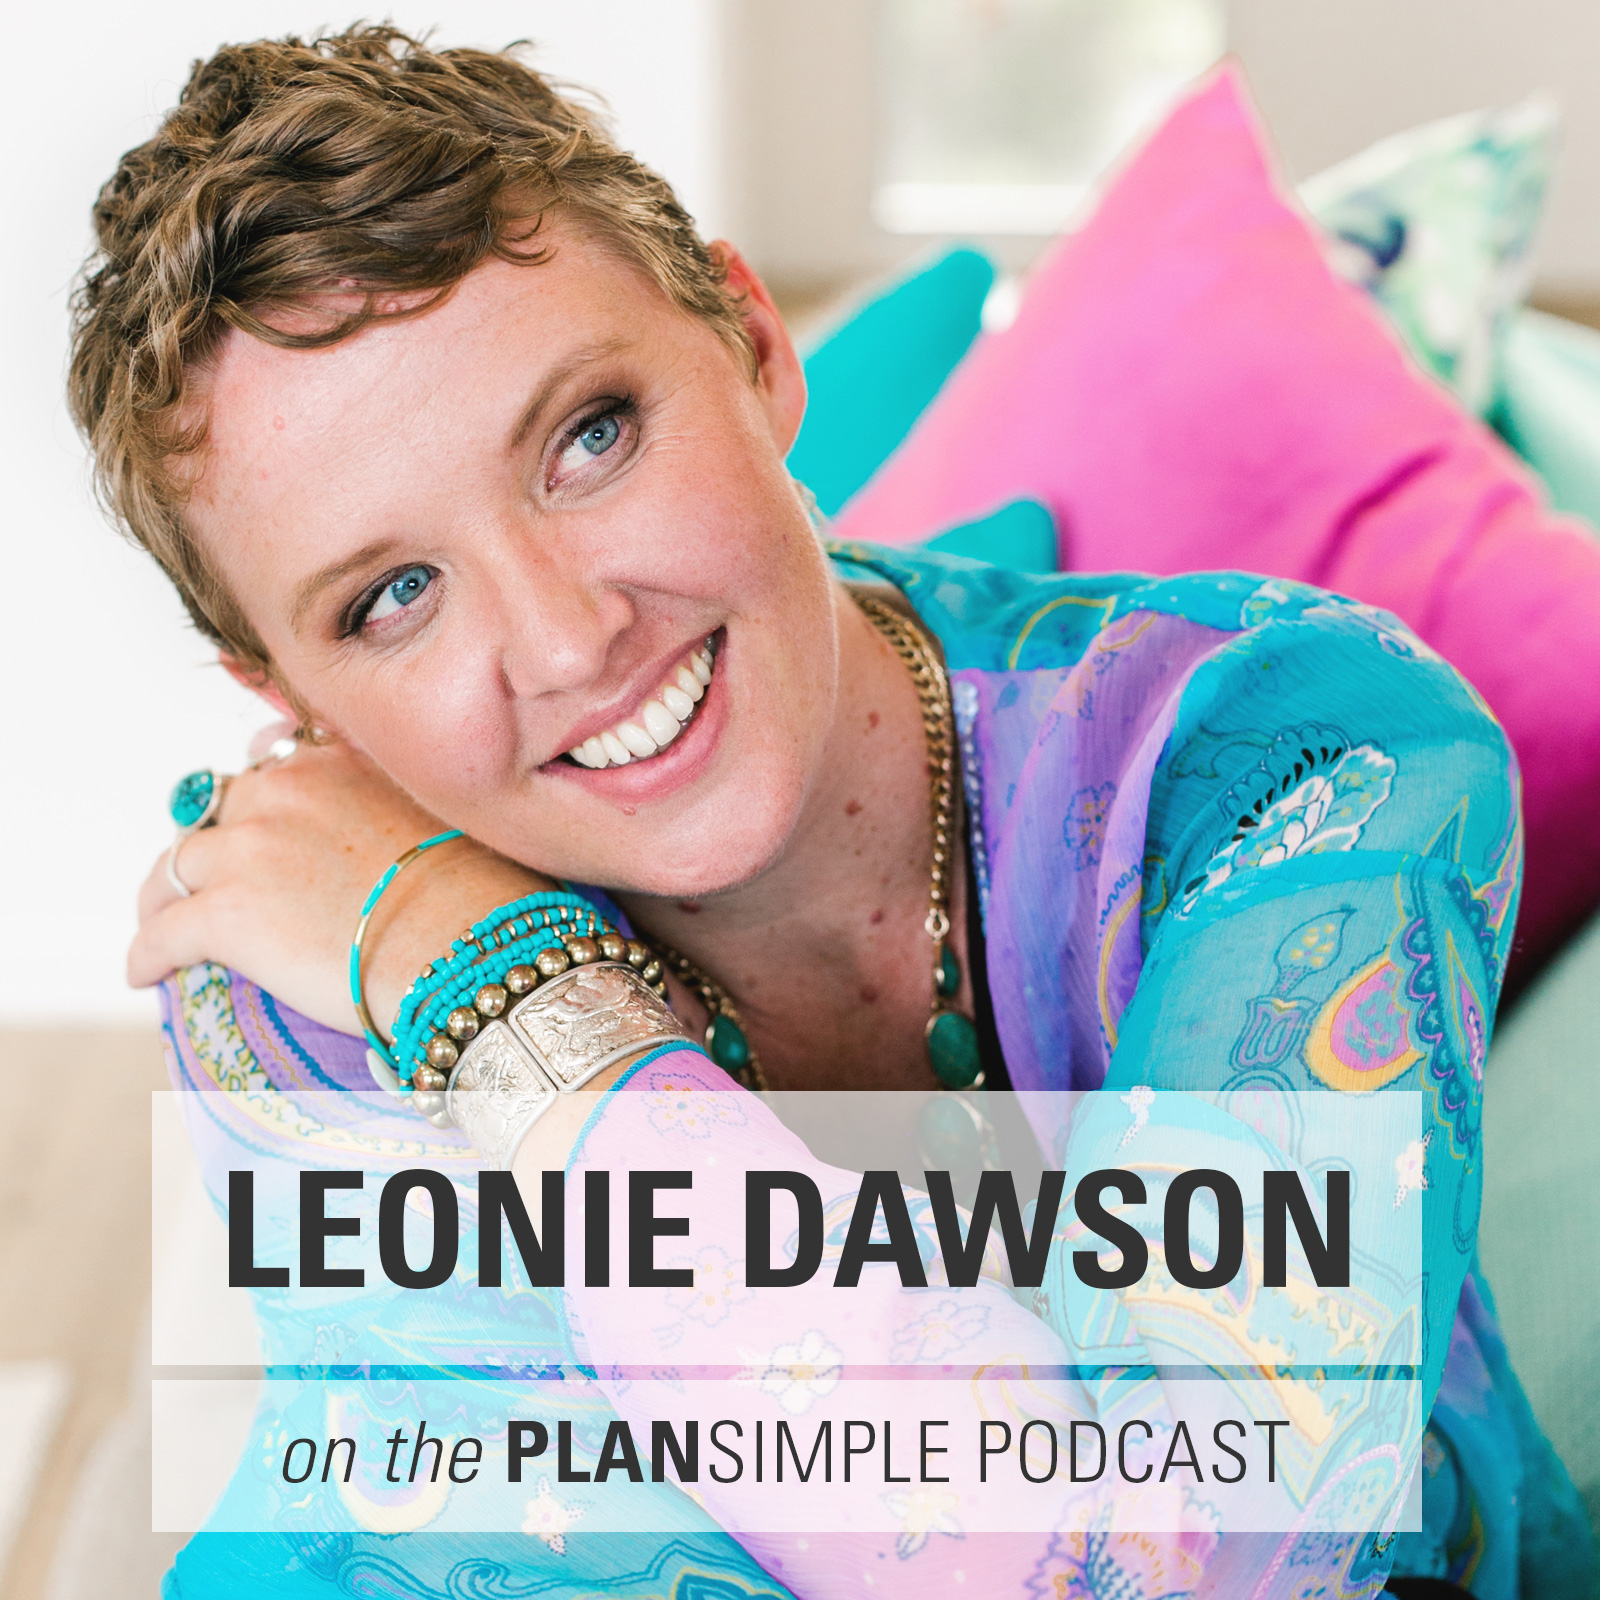 Why Make A Plan With Leonie Dawson